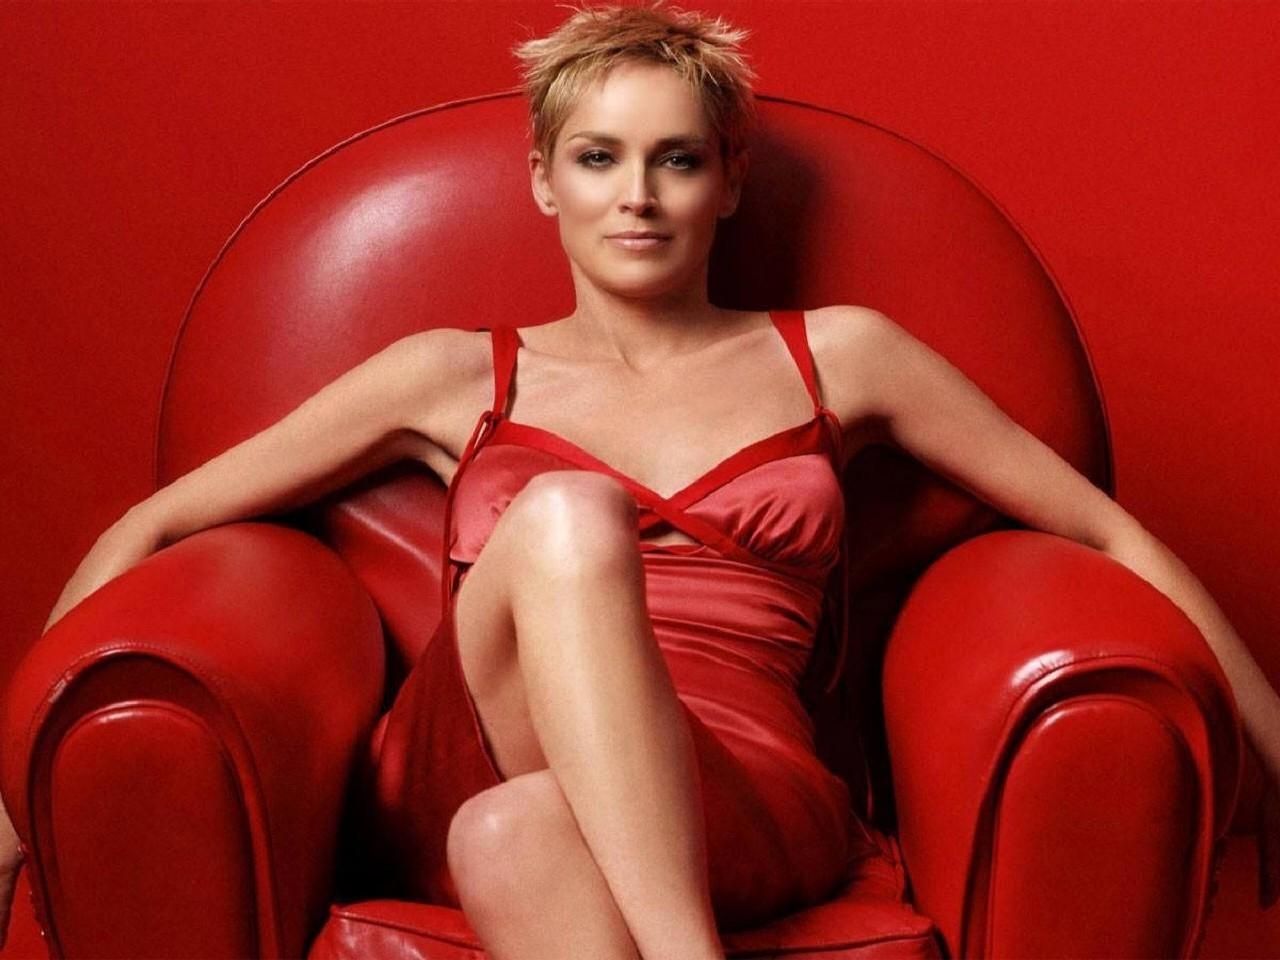 Wallpaper di Sharon Stone con sfondo rosso fuoco